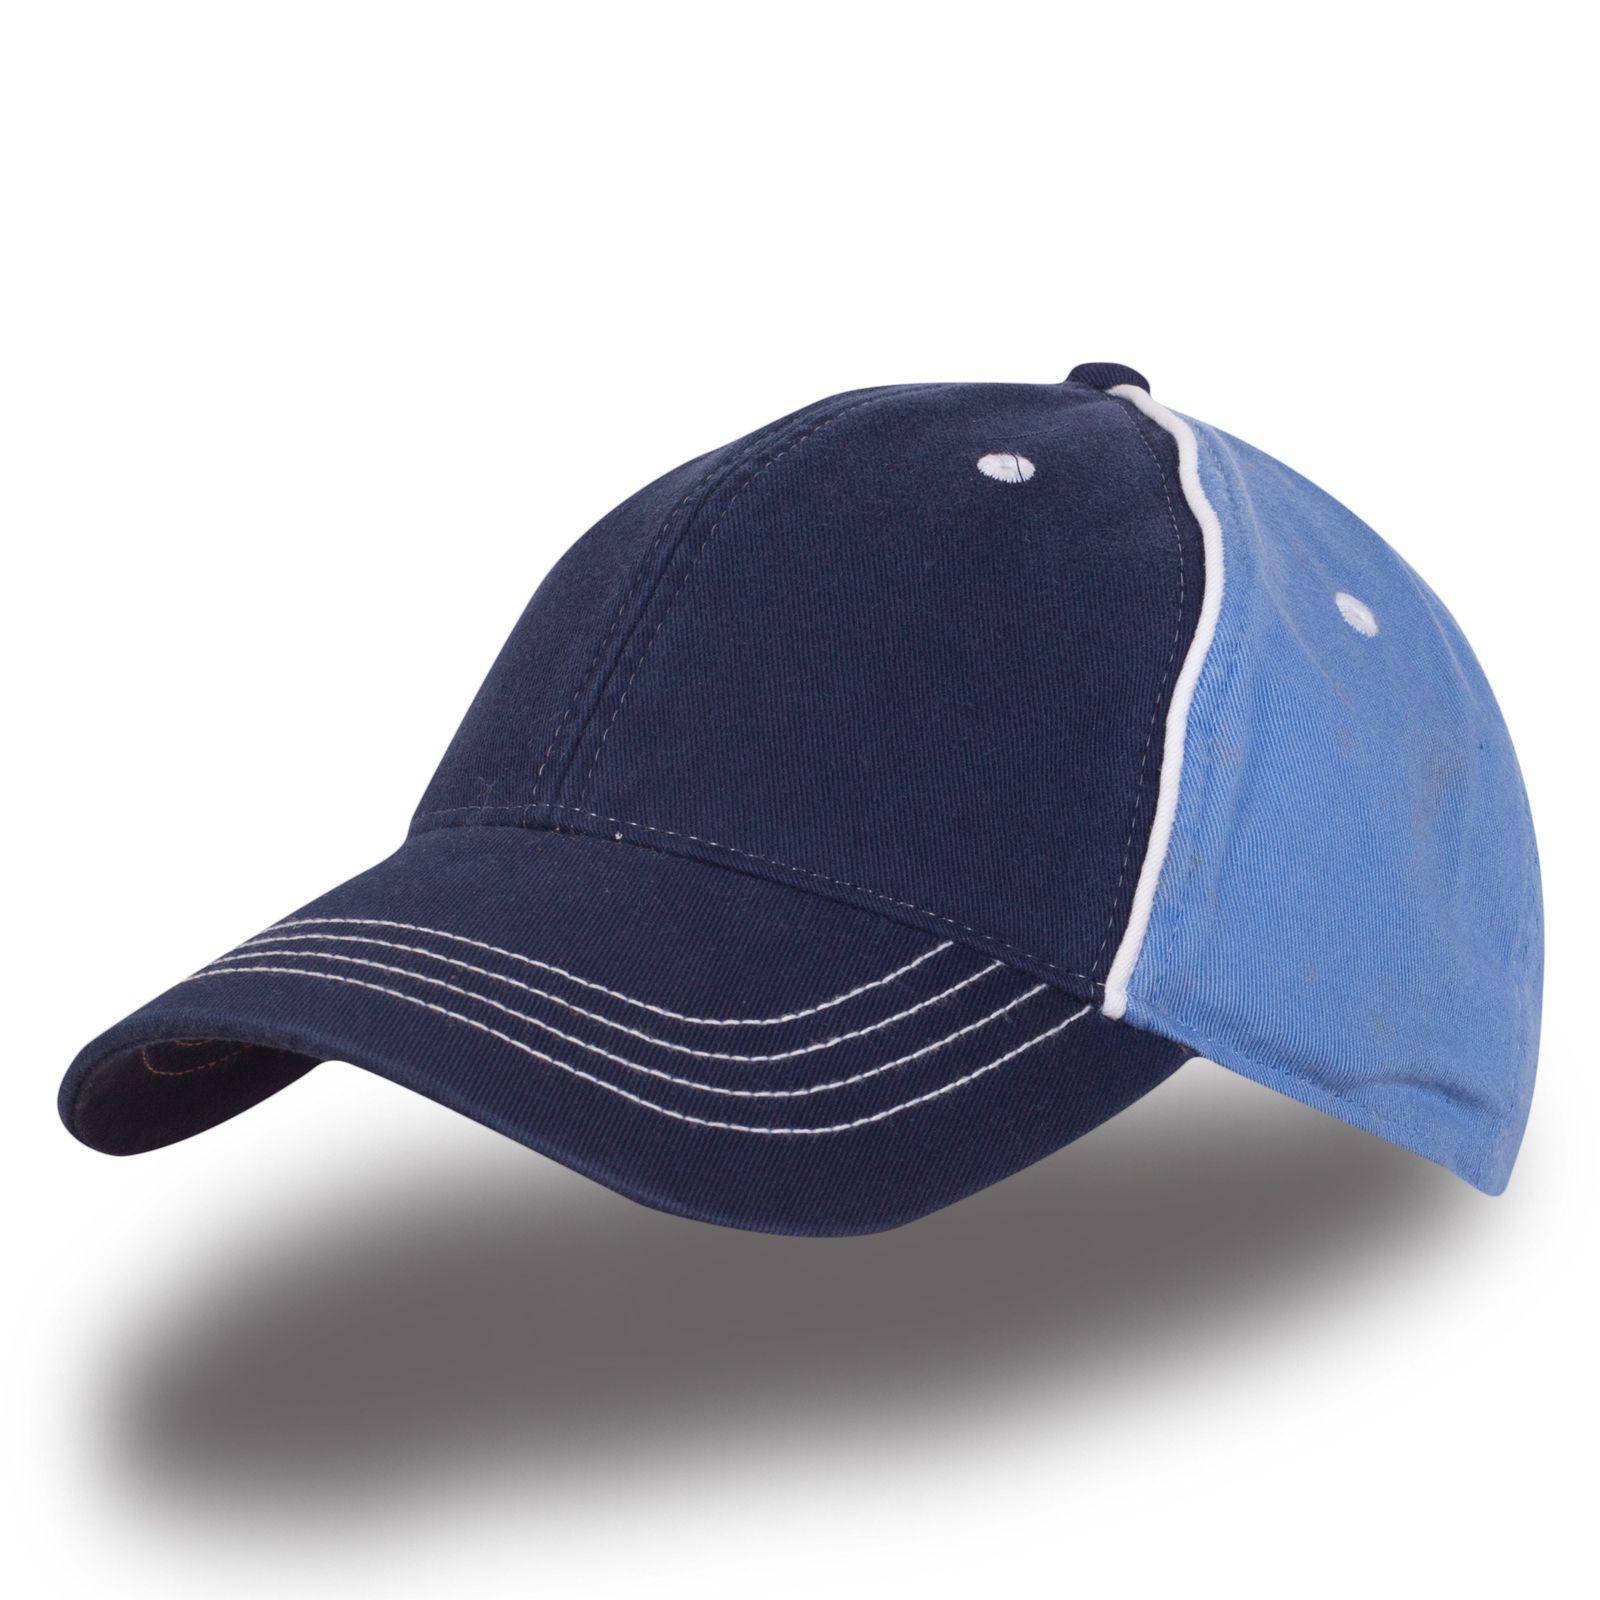 Синяя кепка - купить в интернет-магазине с доставкой